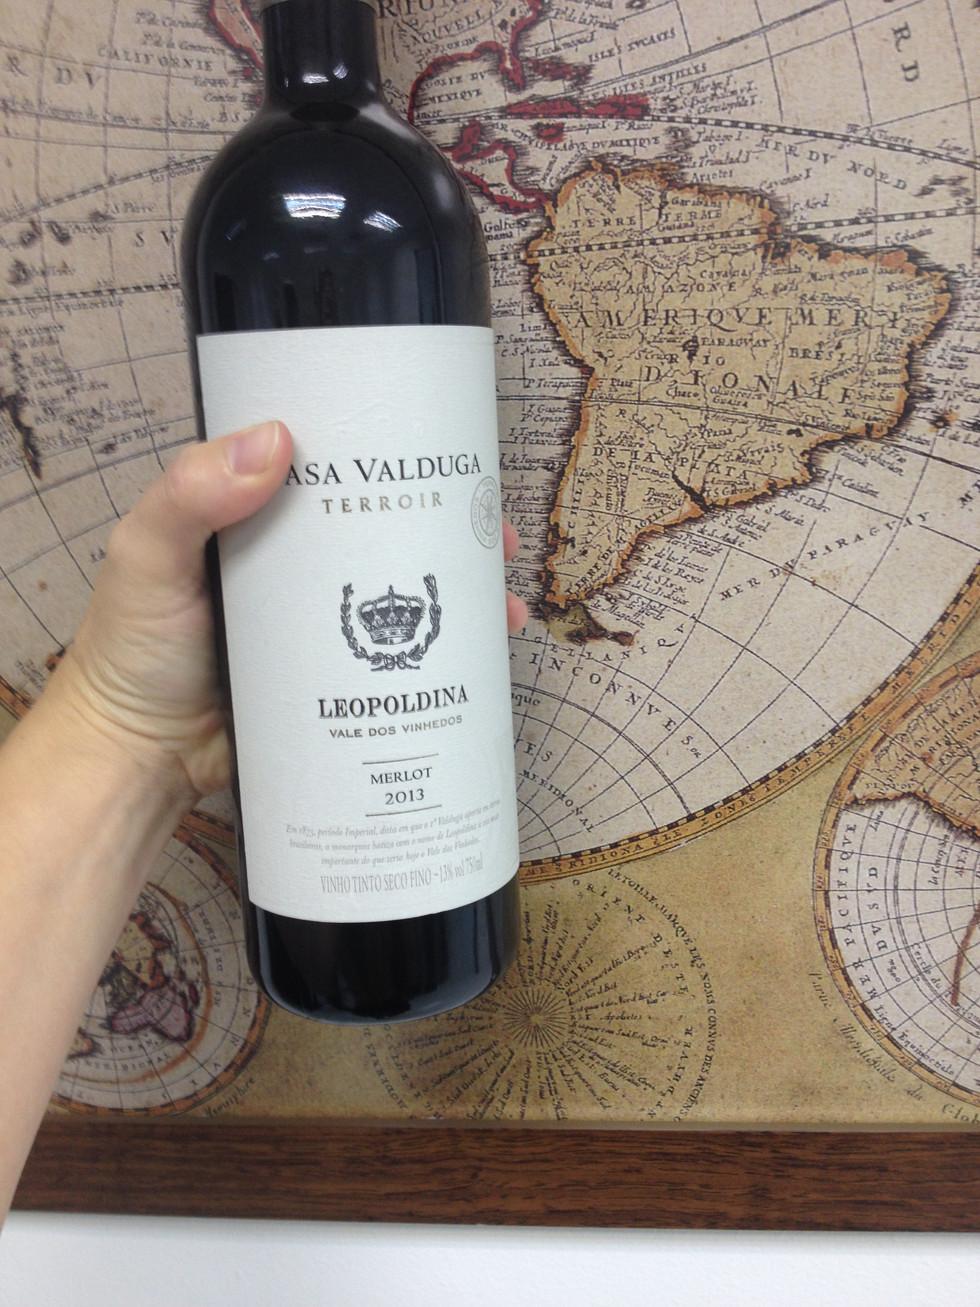 A gift of Brazilian wine from a Brazilian professor